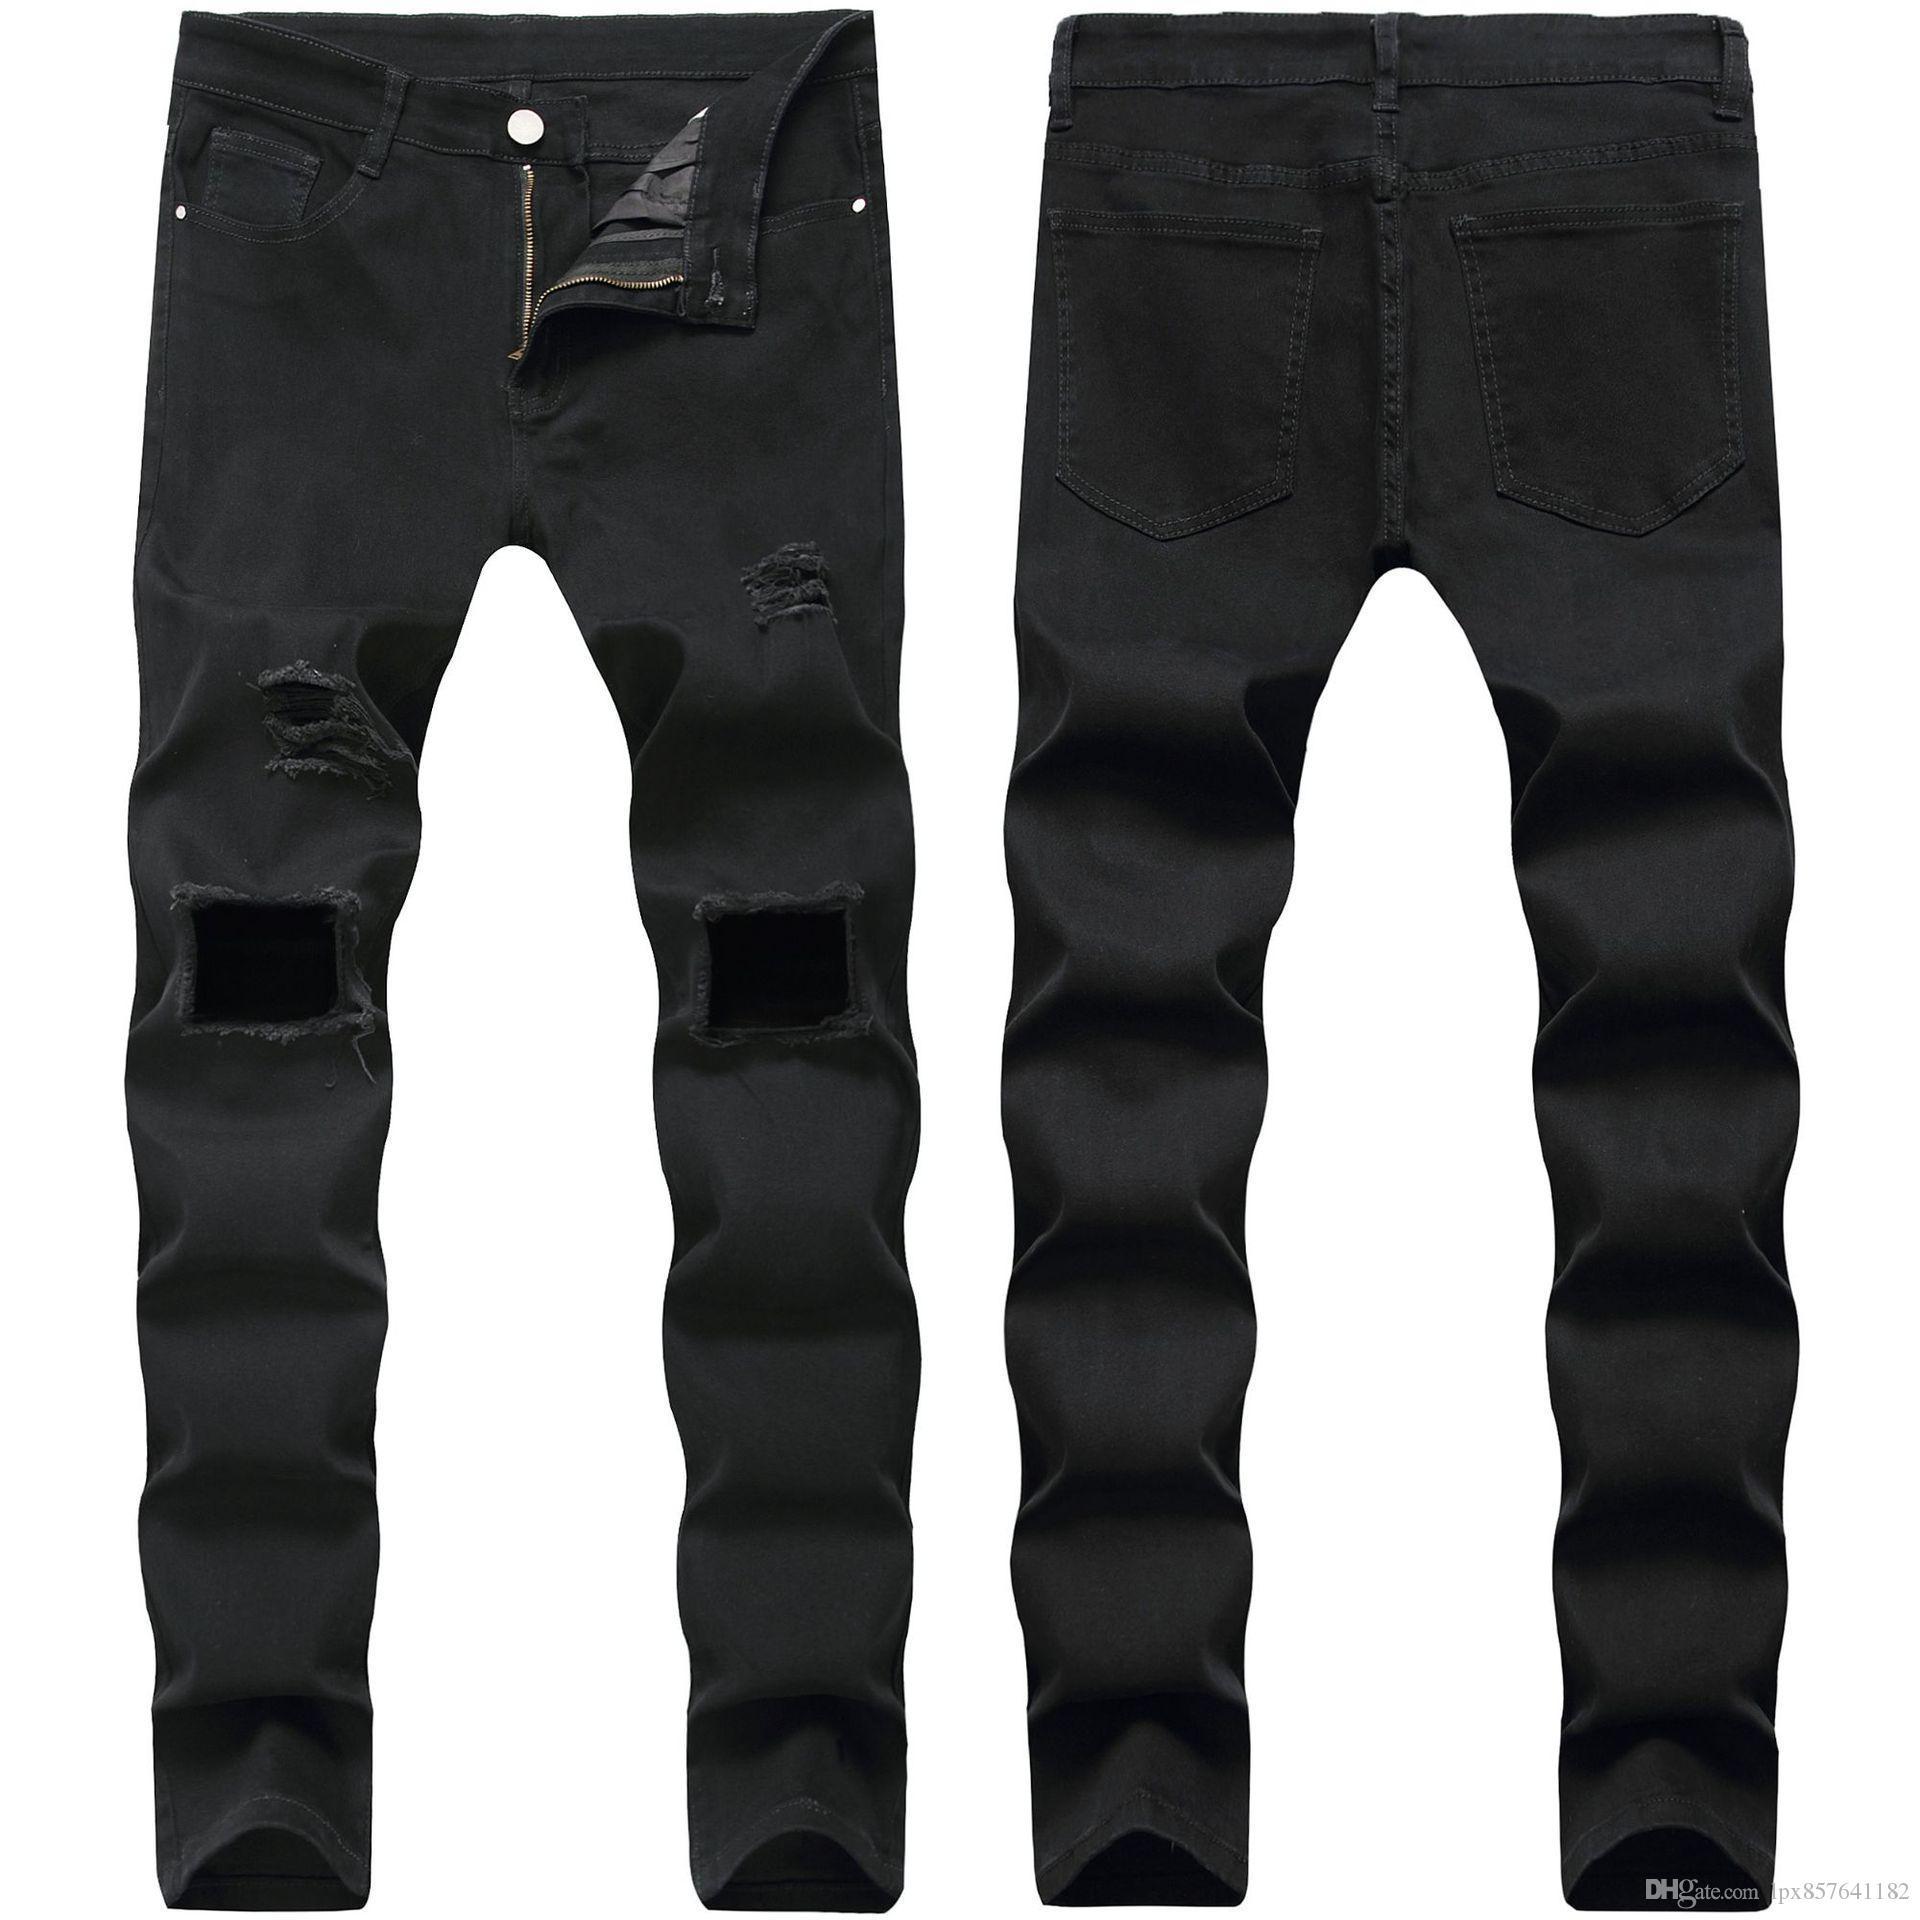 Bonne qualité Mens Ripped Skinny Denim droite Slim Fit élastiques Biker Jeans Pantalons longs Pantalons élégant droites Jeans Slim Fit